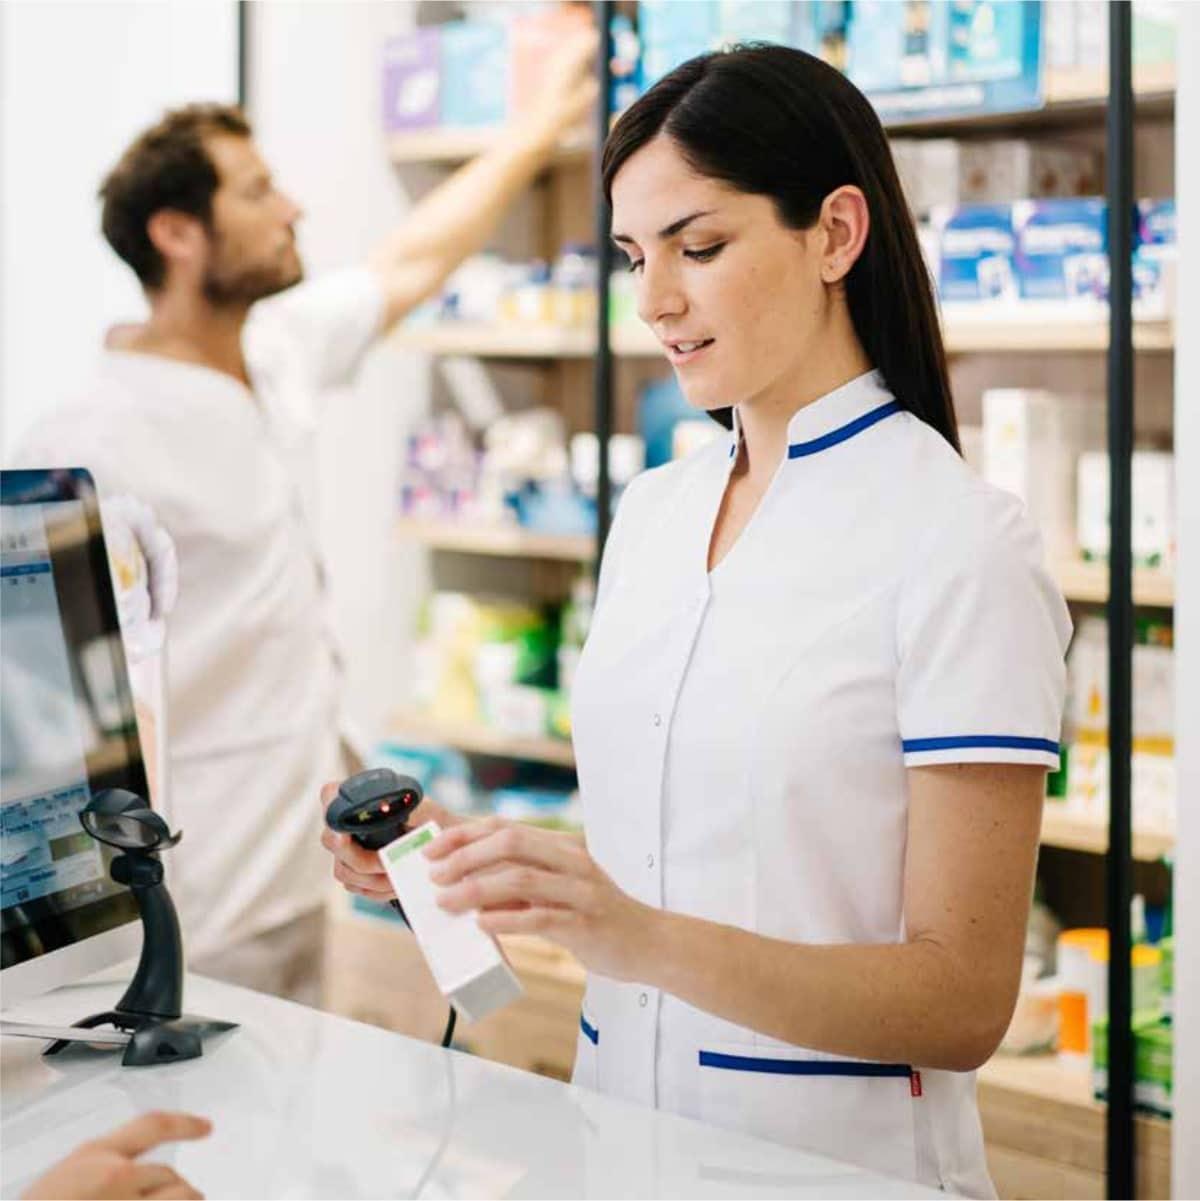 esaurimento stress pandemia covid-camice-bianco-blu-donna-farmacia-manica-corta